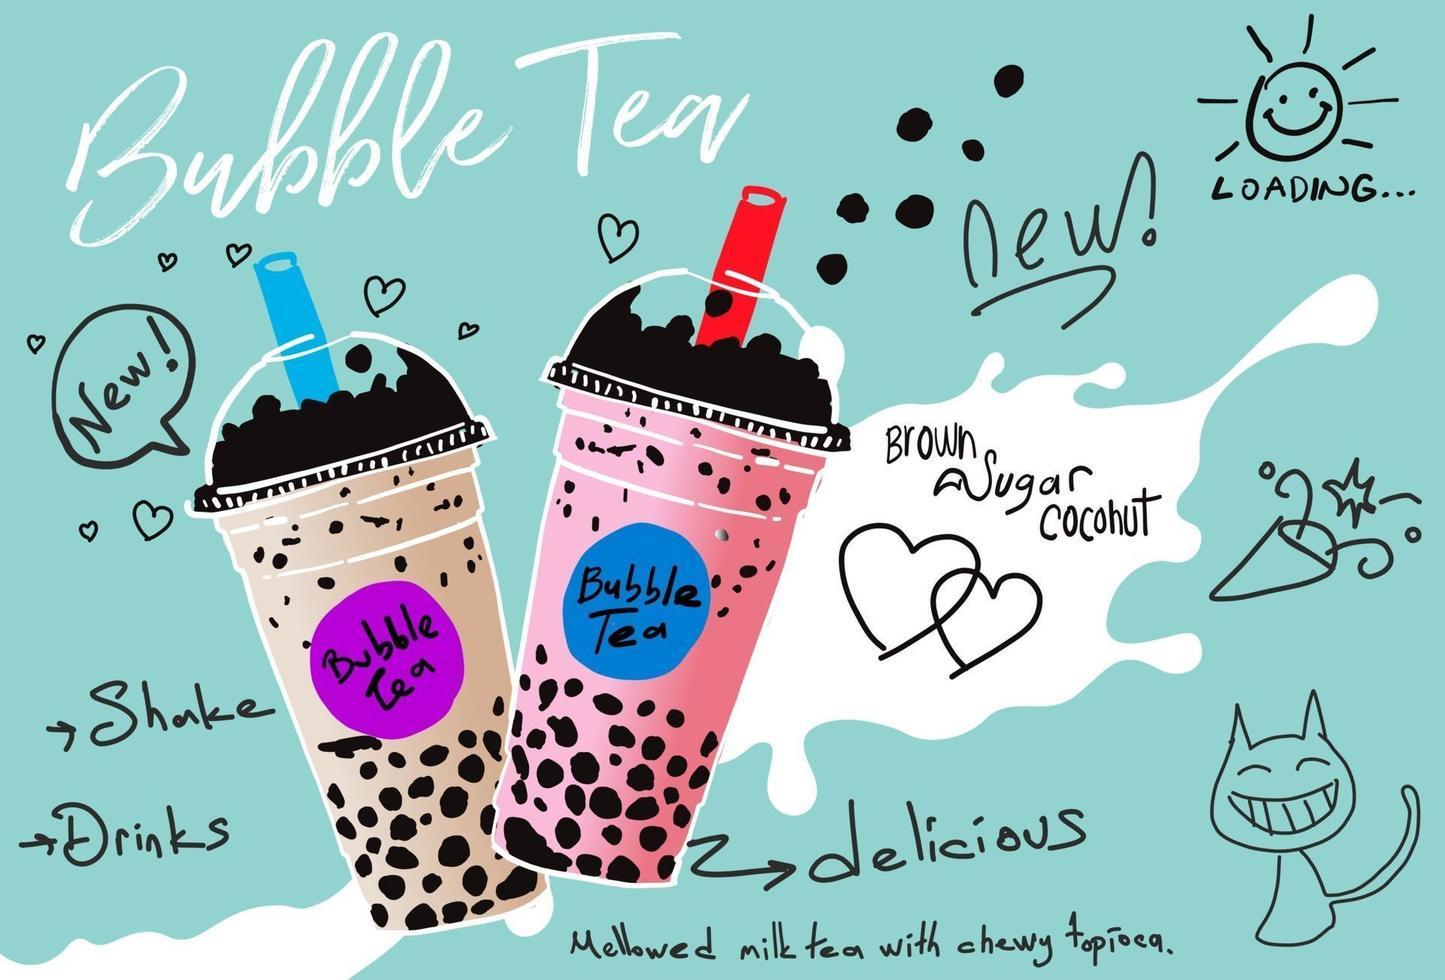 té con leche de burbujas, té con leche de perlas, diferentes tipos de boba. deliciosas bebidas. vector